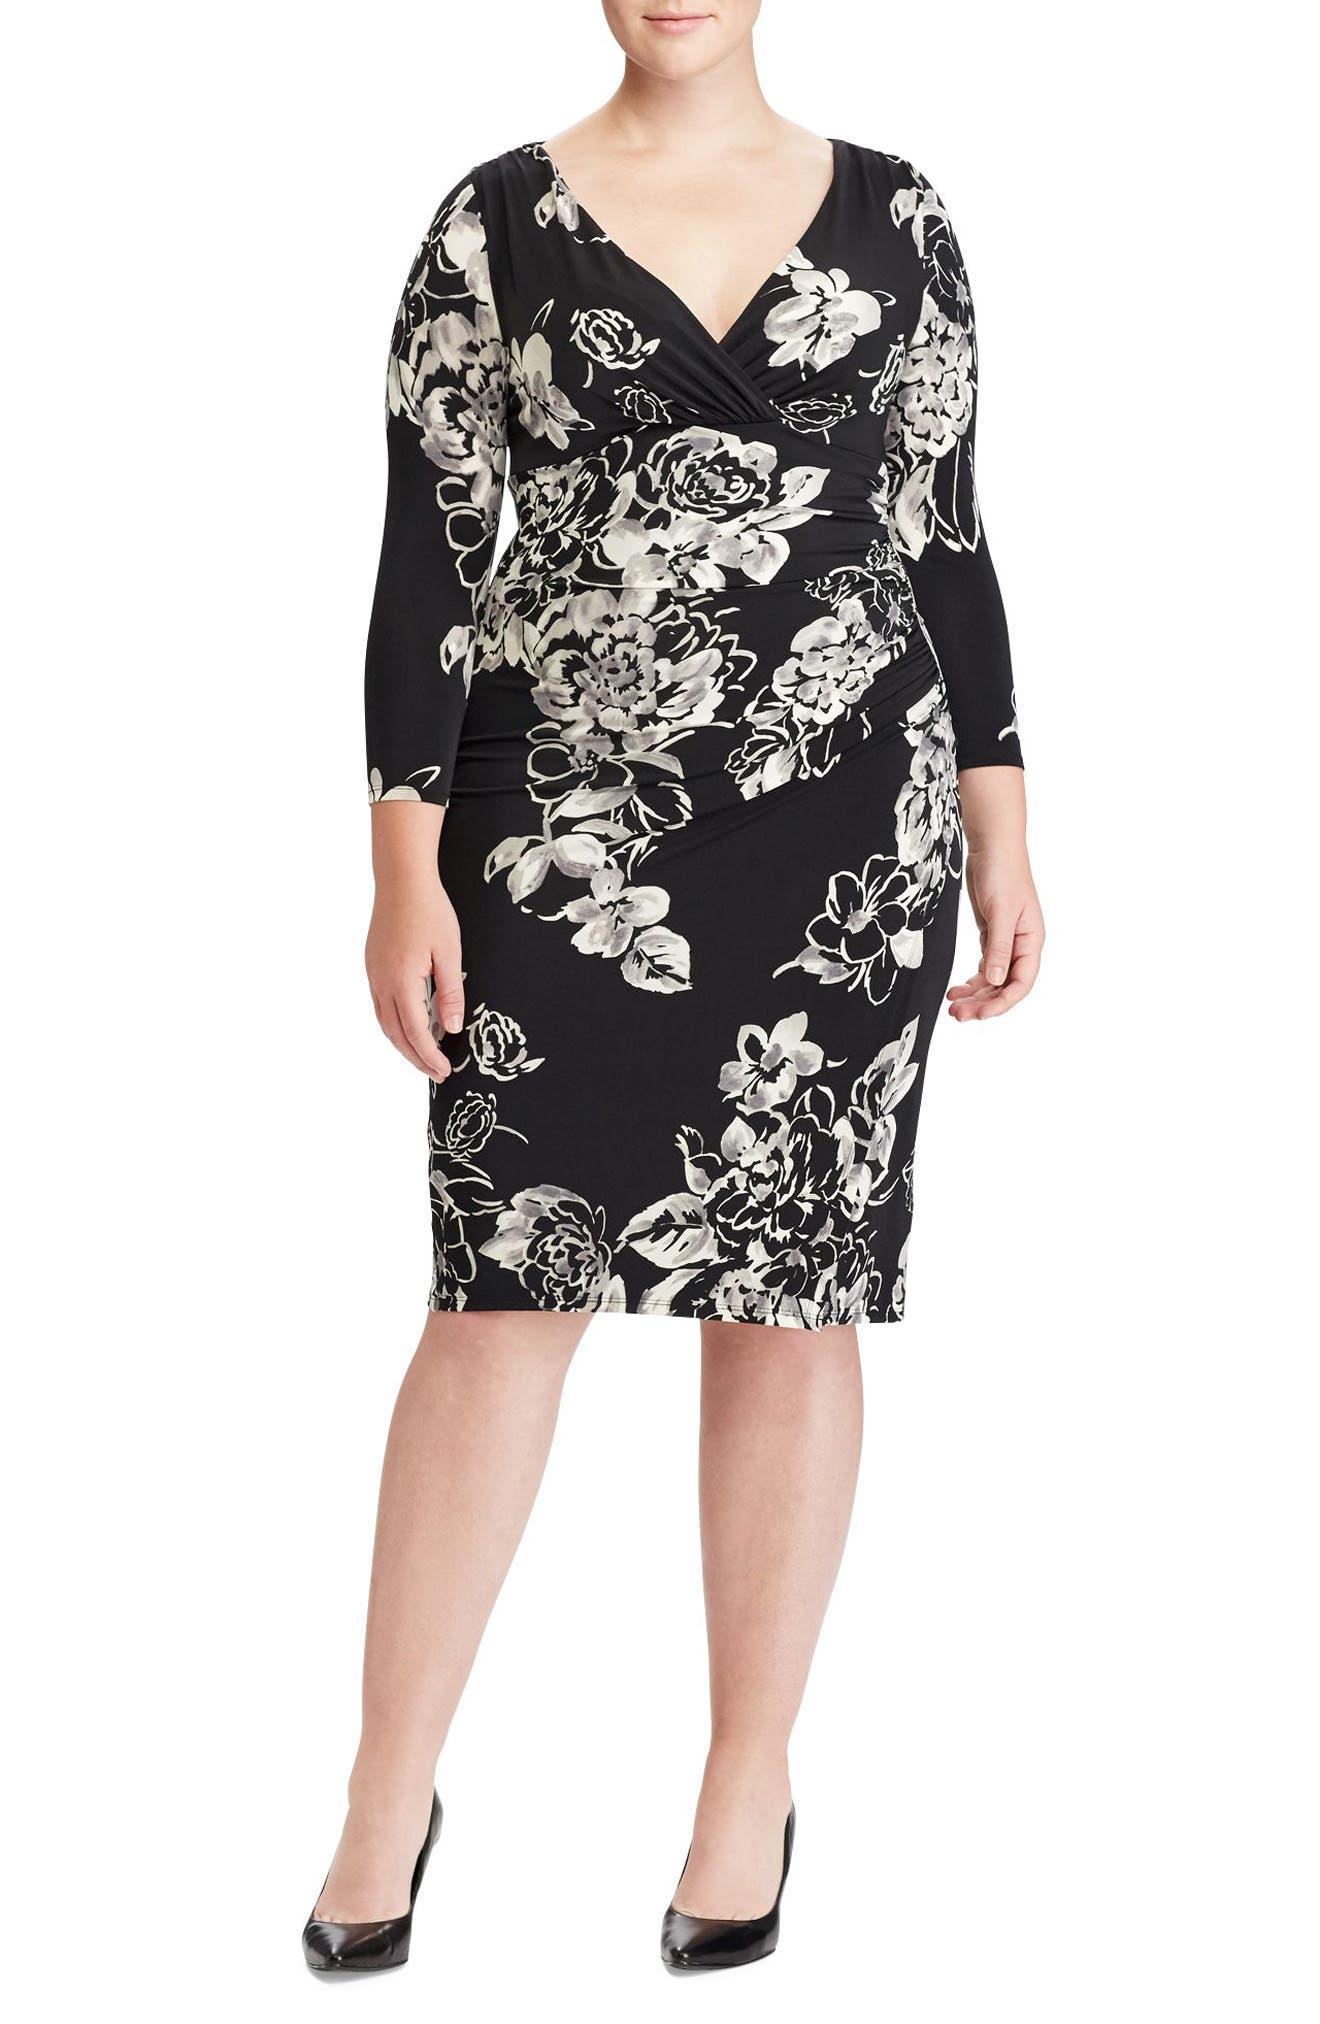 Alternate Image 1 Selected - Lauren Ralph Lauren Floral Faux Wrap Jersey Dress (Plus Size)